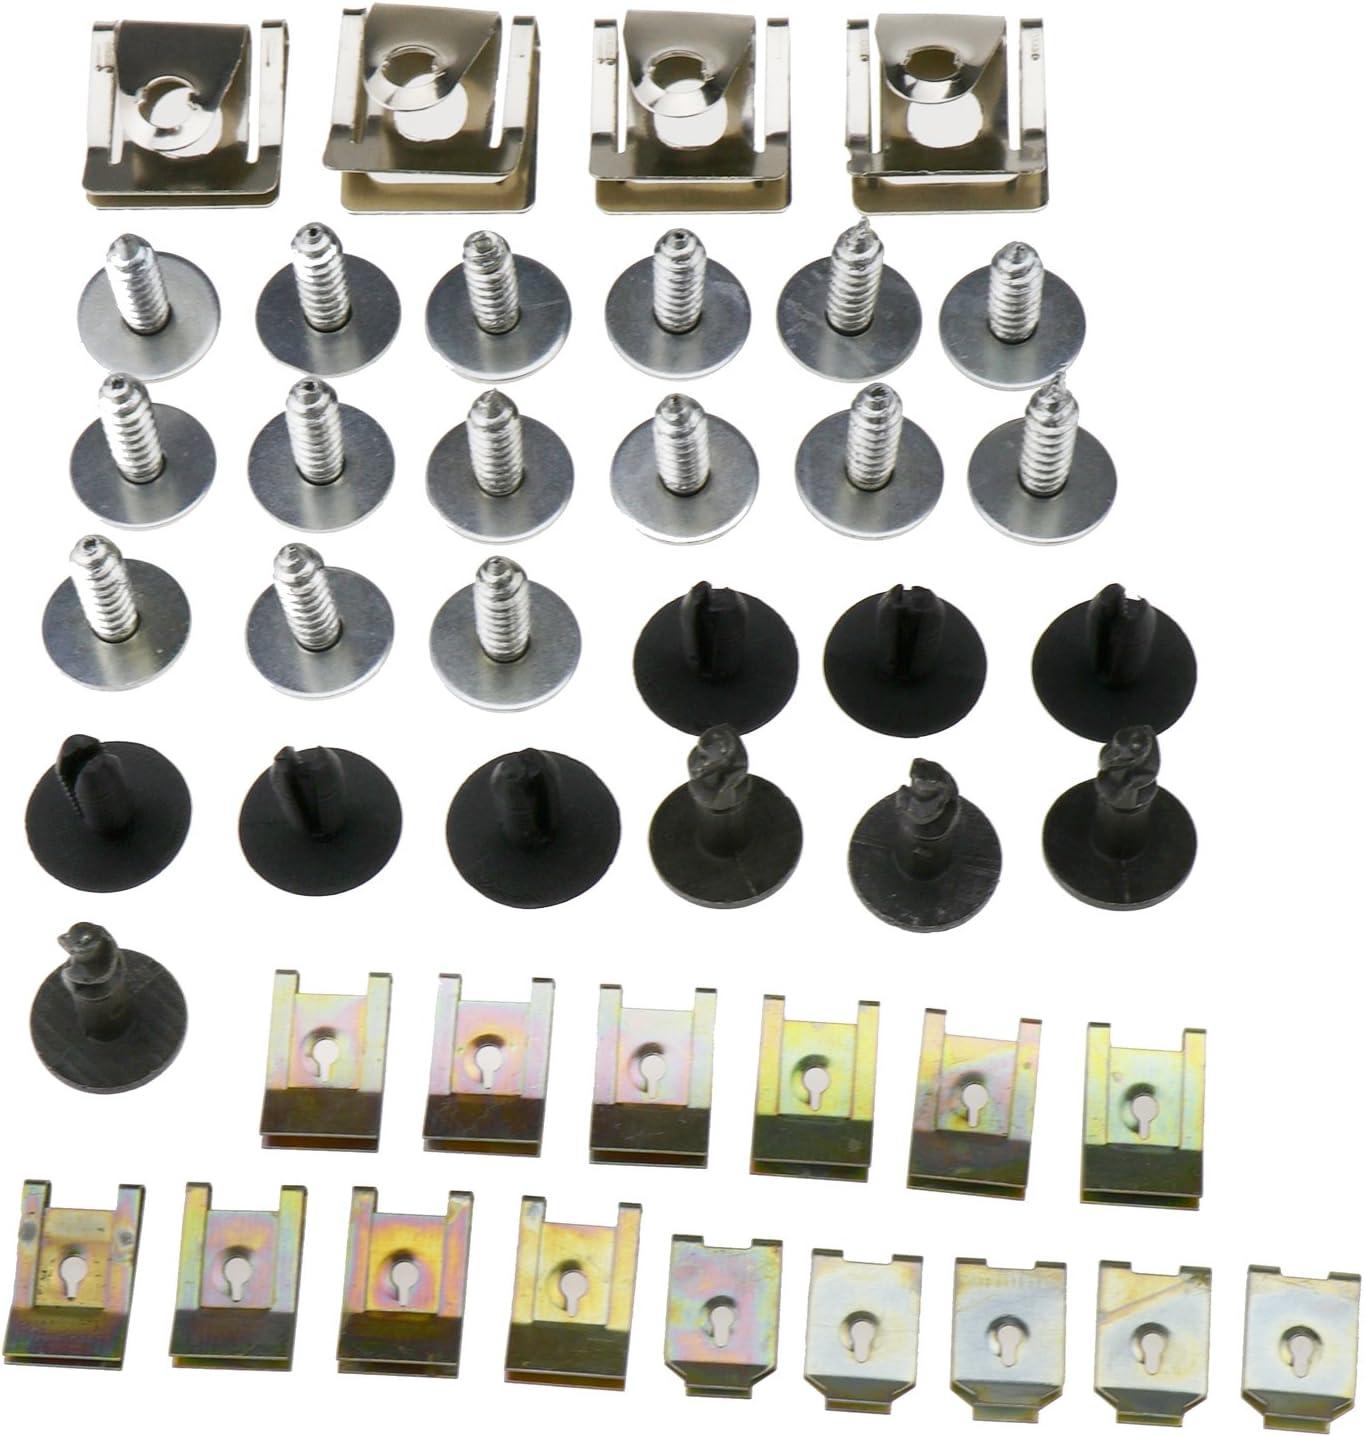 ENET Cubeta de Metal con 44 Pinzas para Motores bajo la Cubierta Inferior Protecci/ón contra Salpicaduras